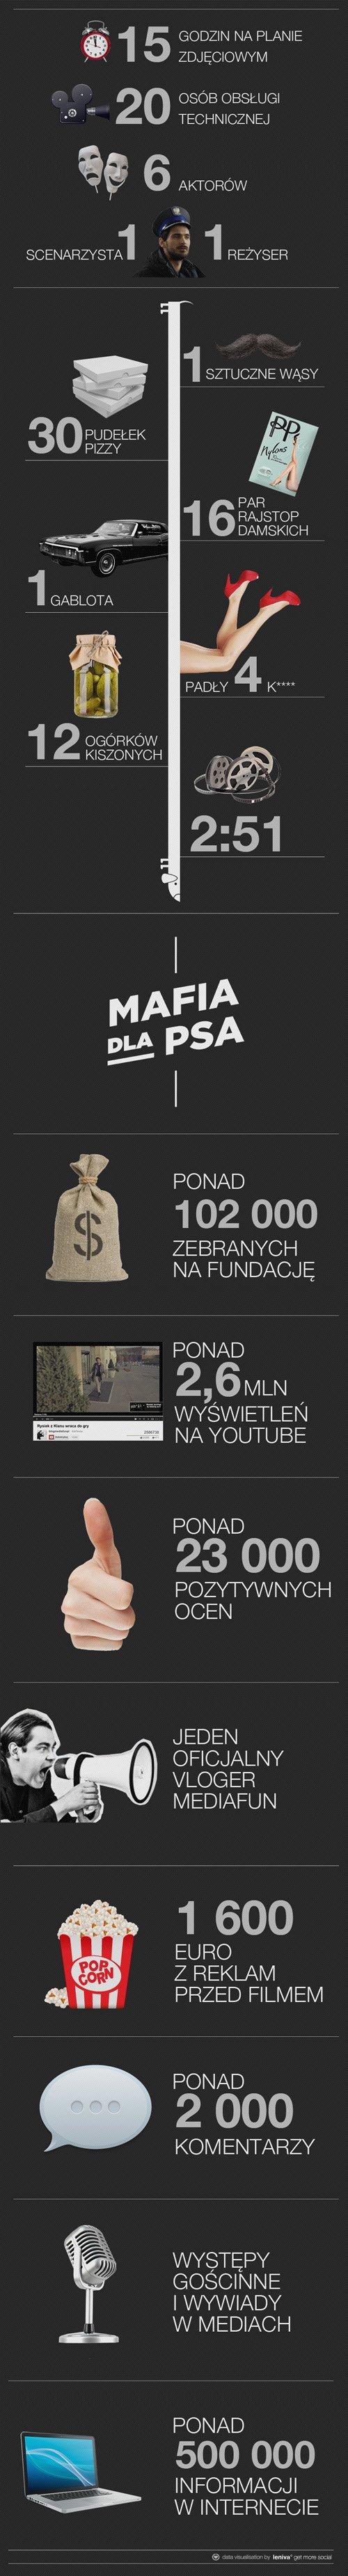 Mafia dla psa zebrała 100 tysięcy złotych dla psiaków